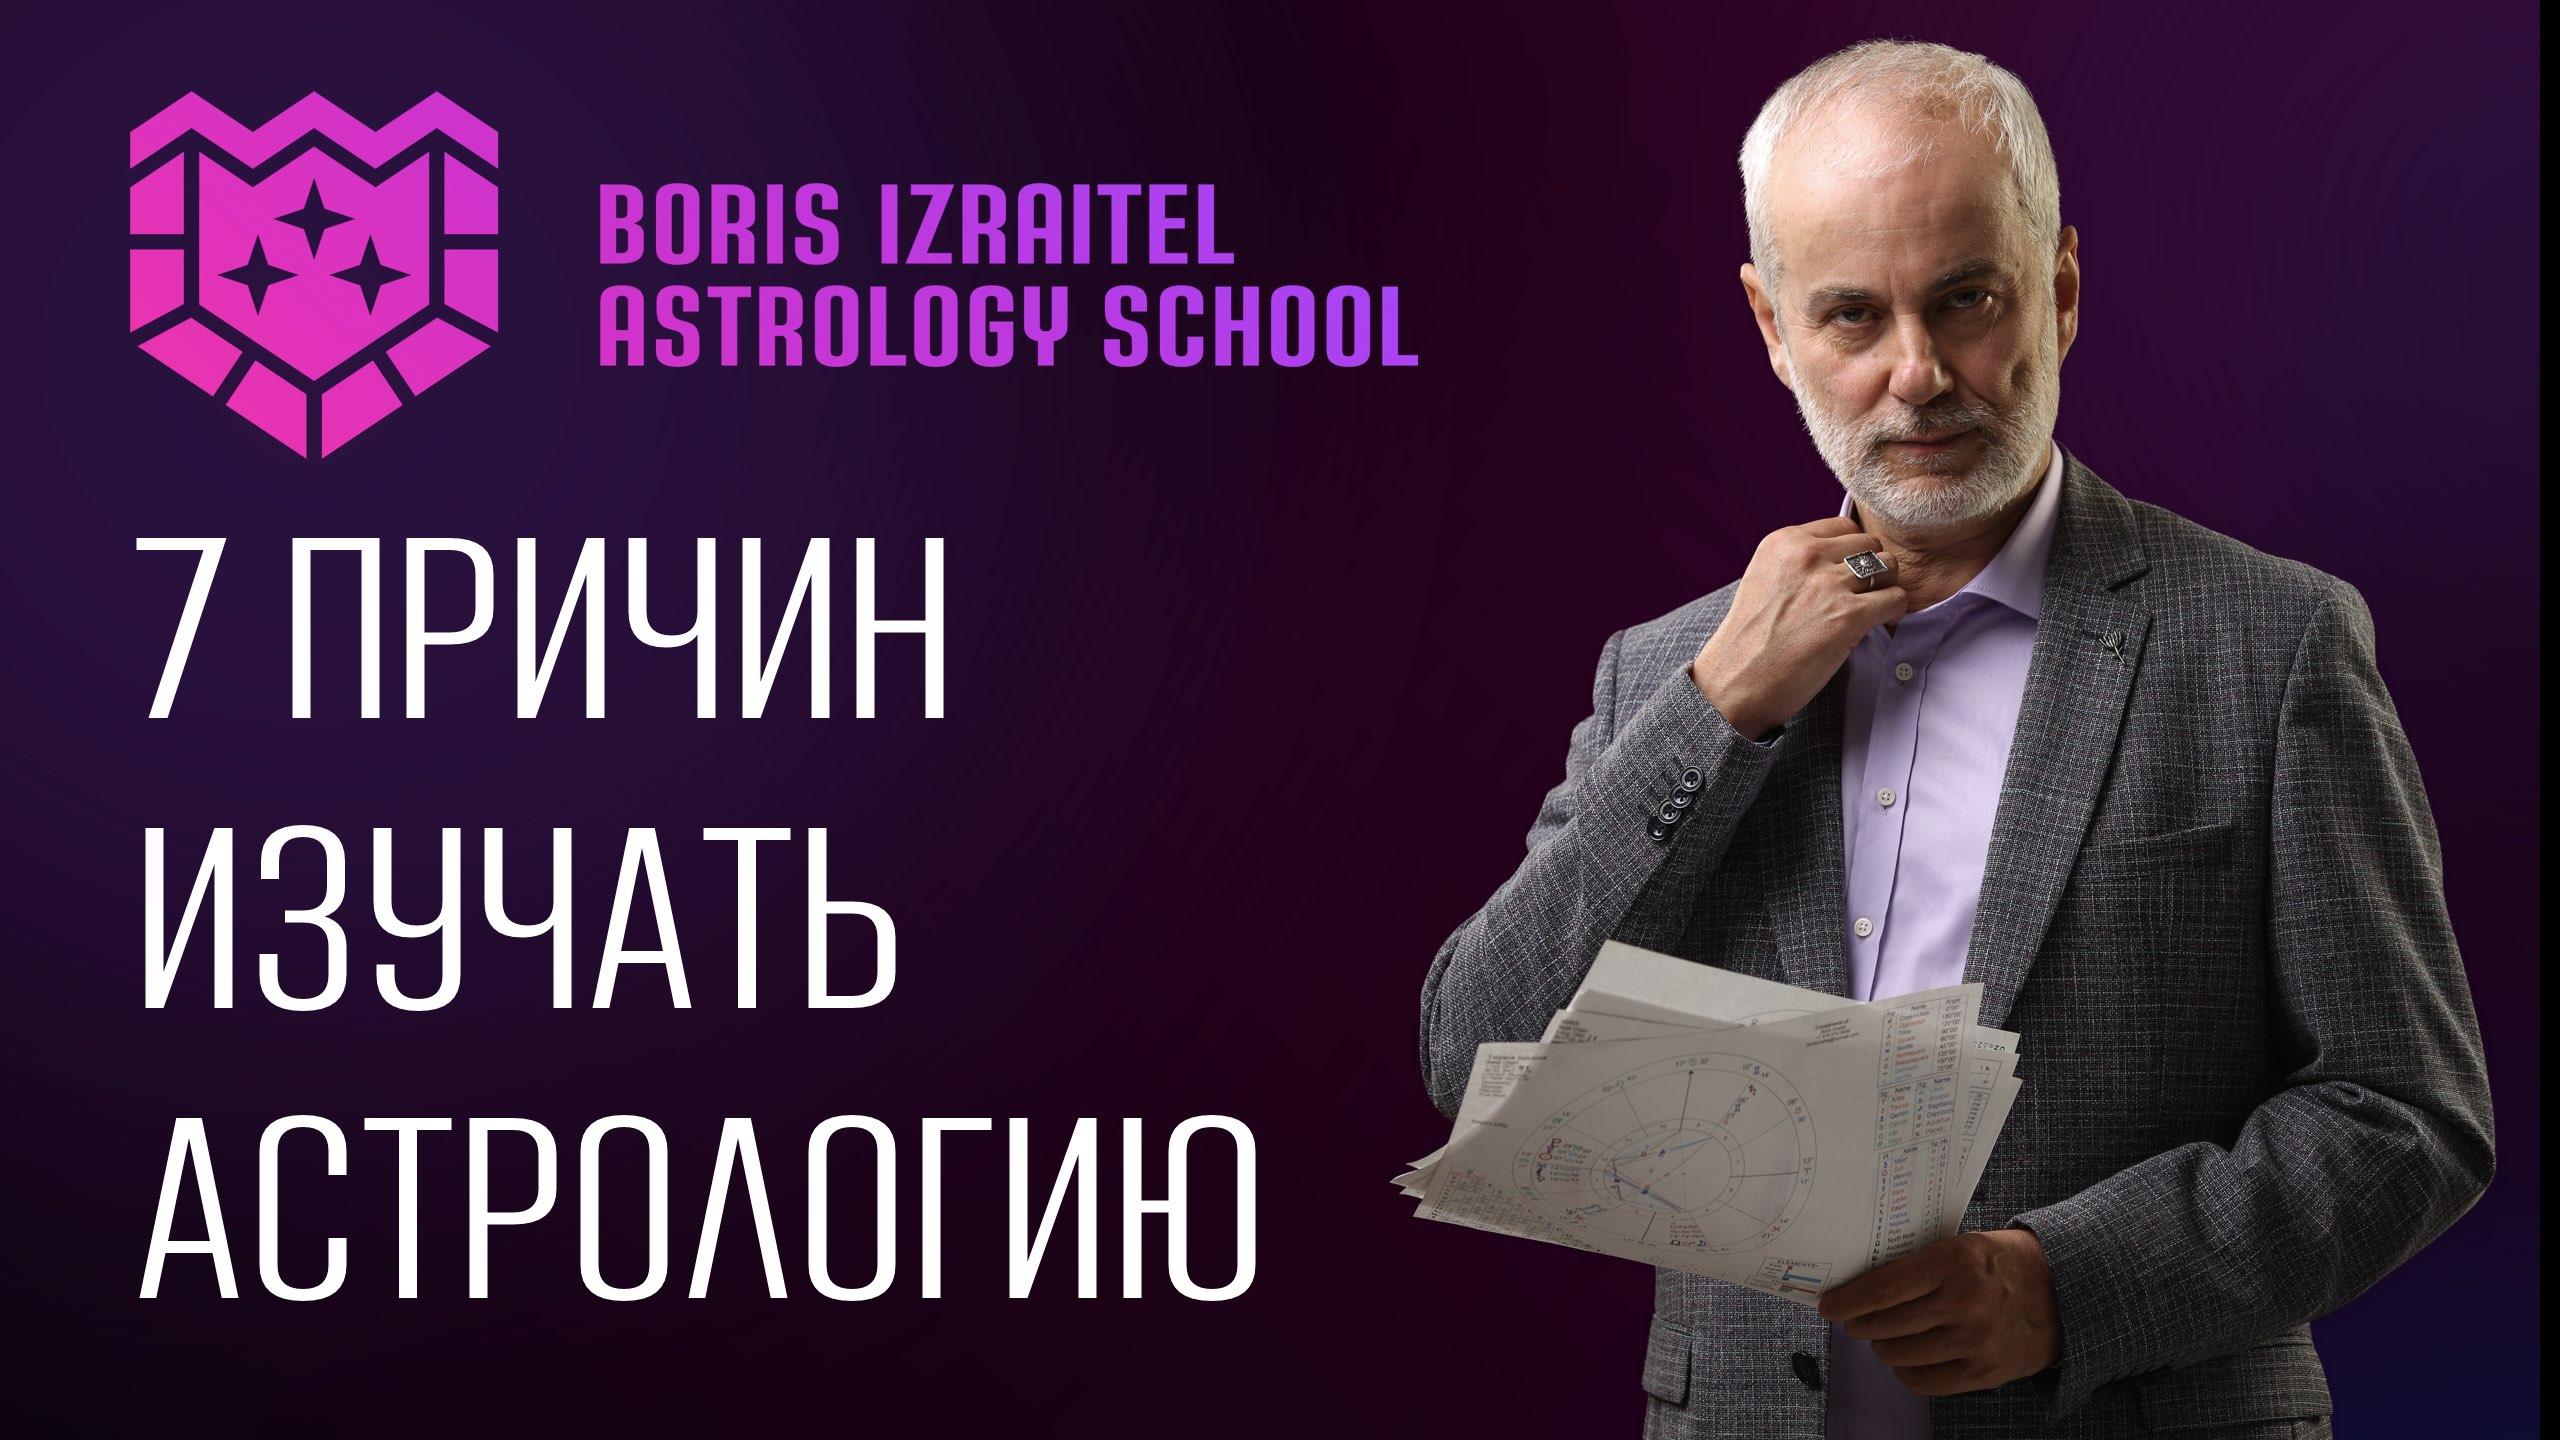 Вебинары по астрологии